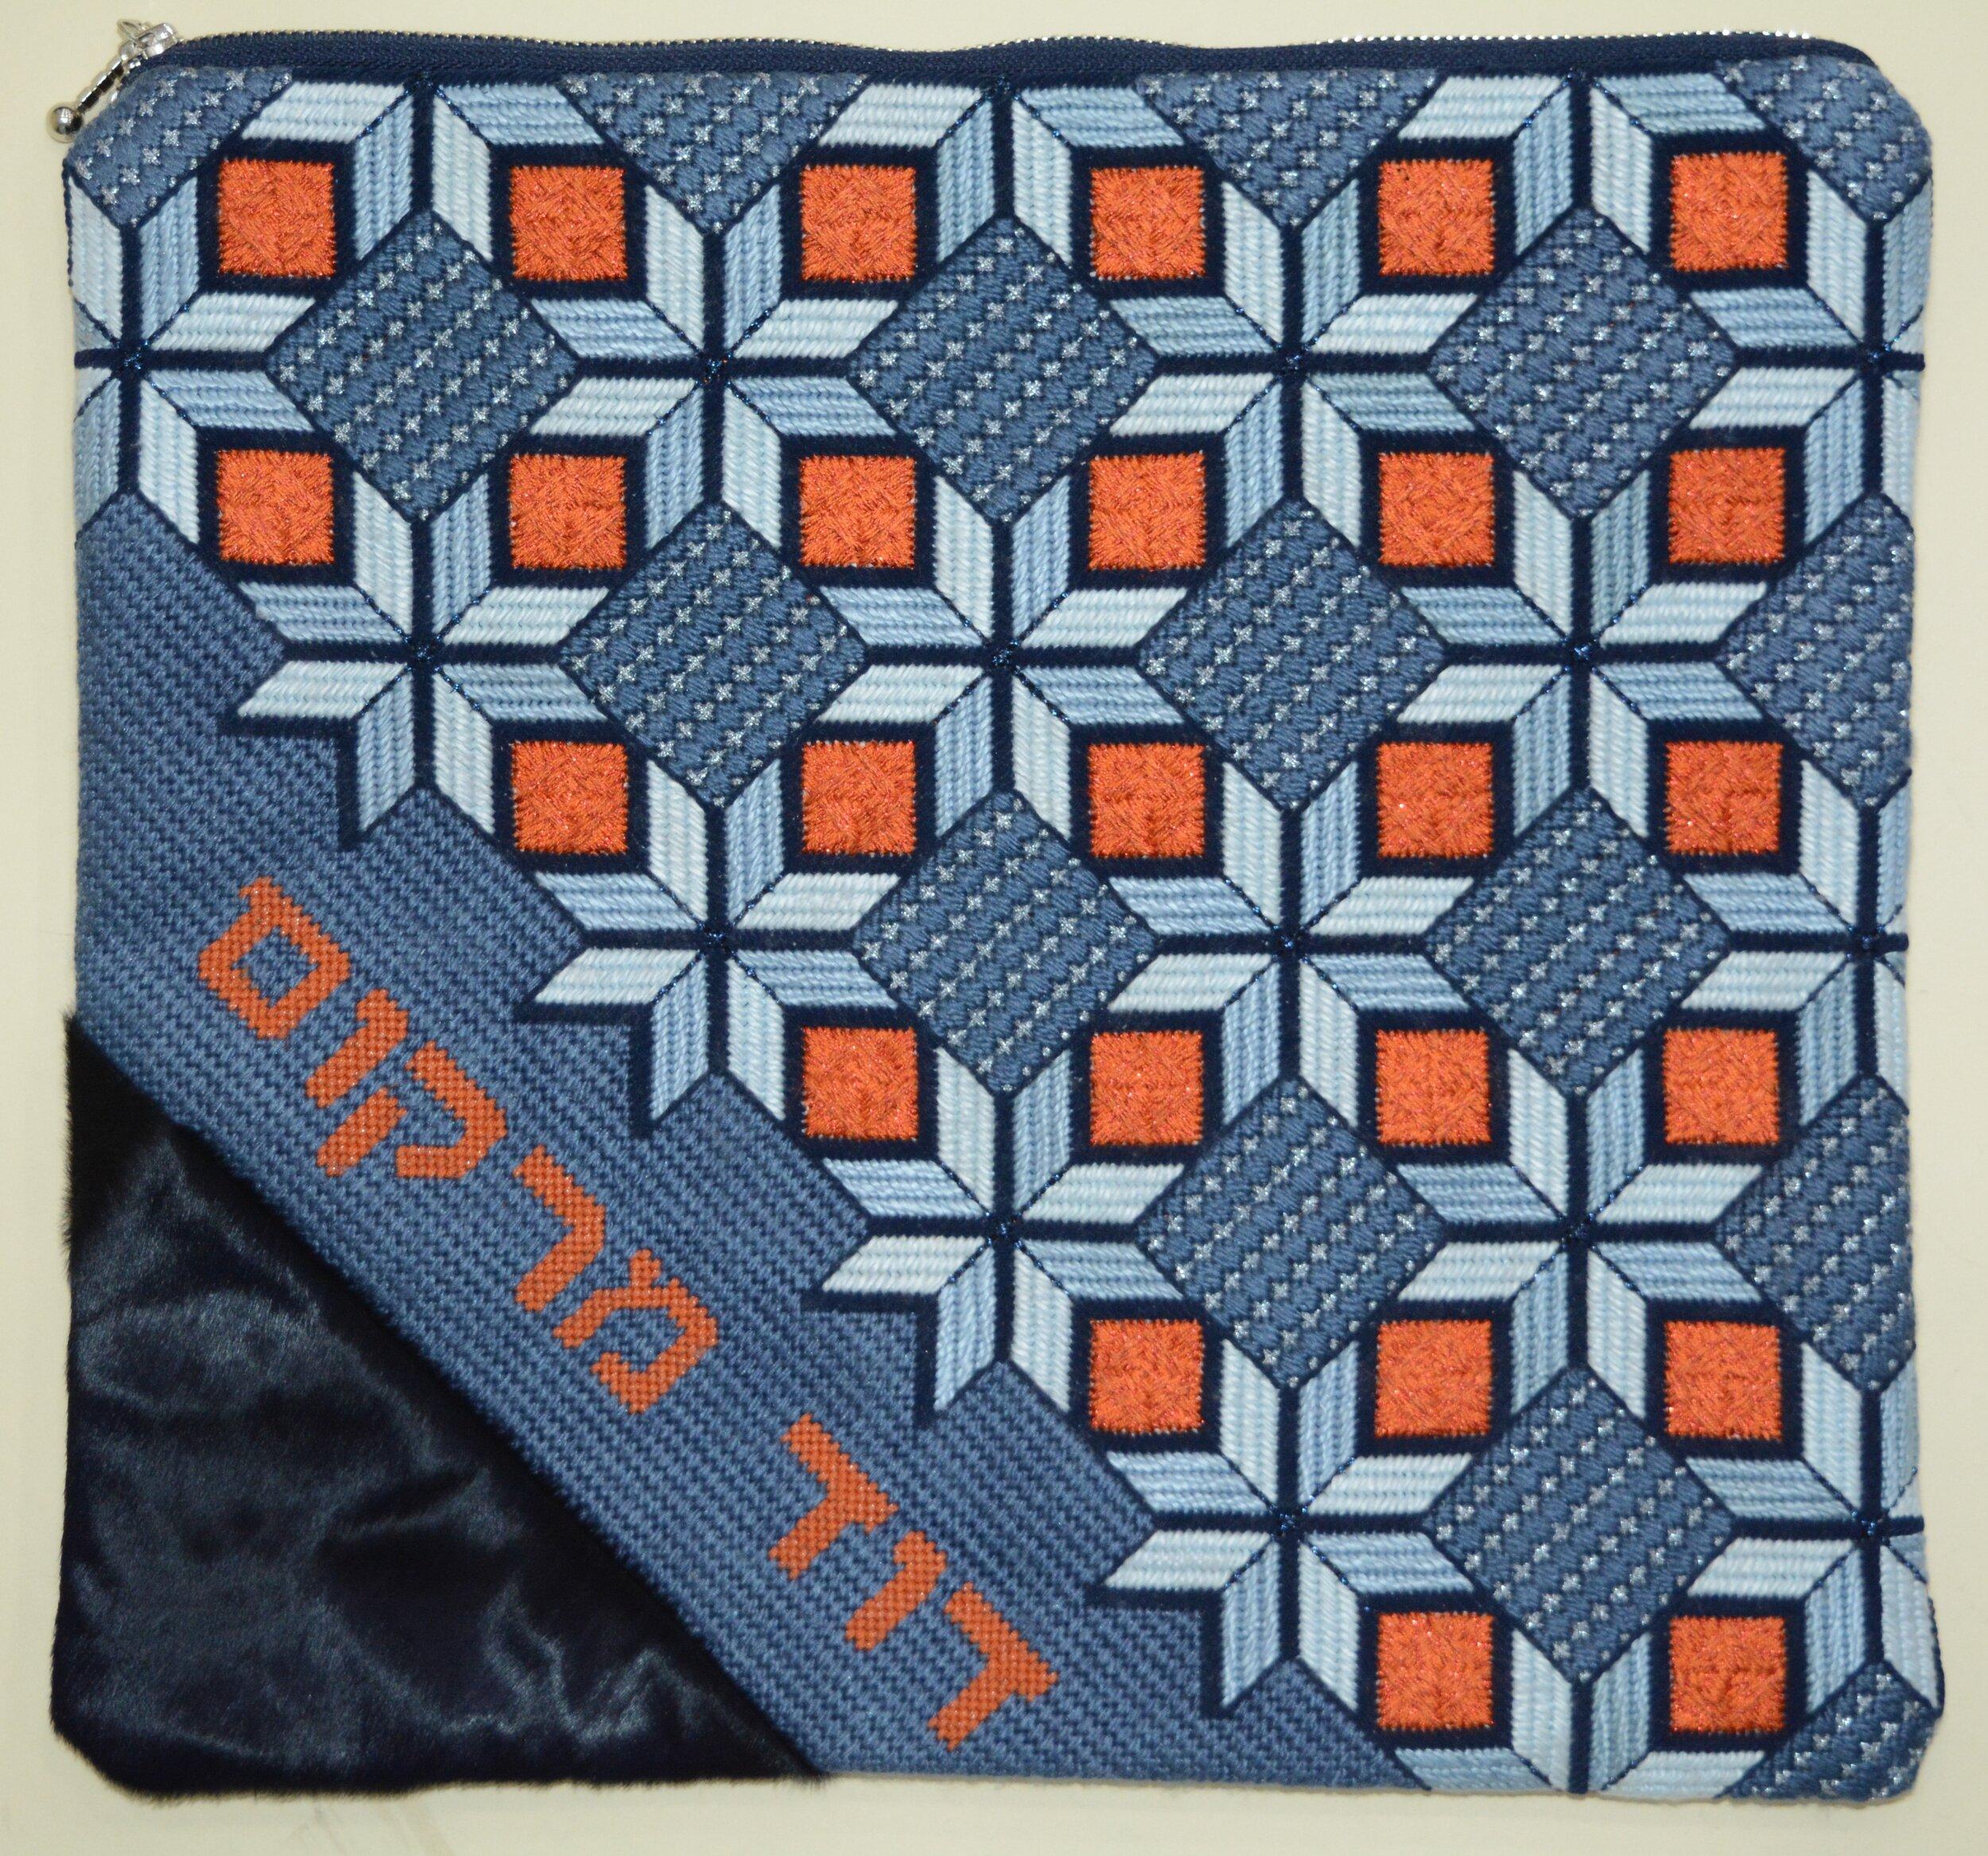 Needlepoint Handpainted Geometric Canvas Tallit Bag Set Tefillin GEO-1009 LT Blue